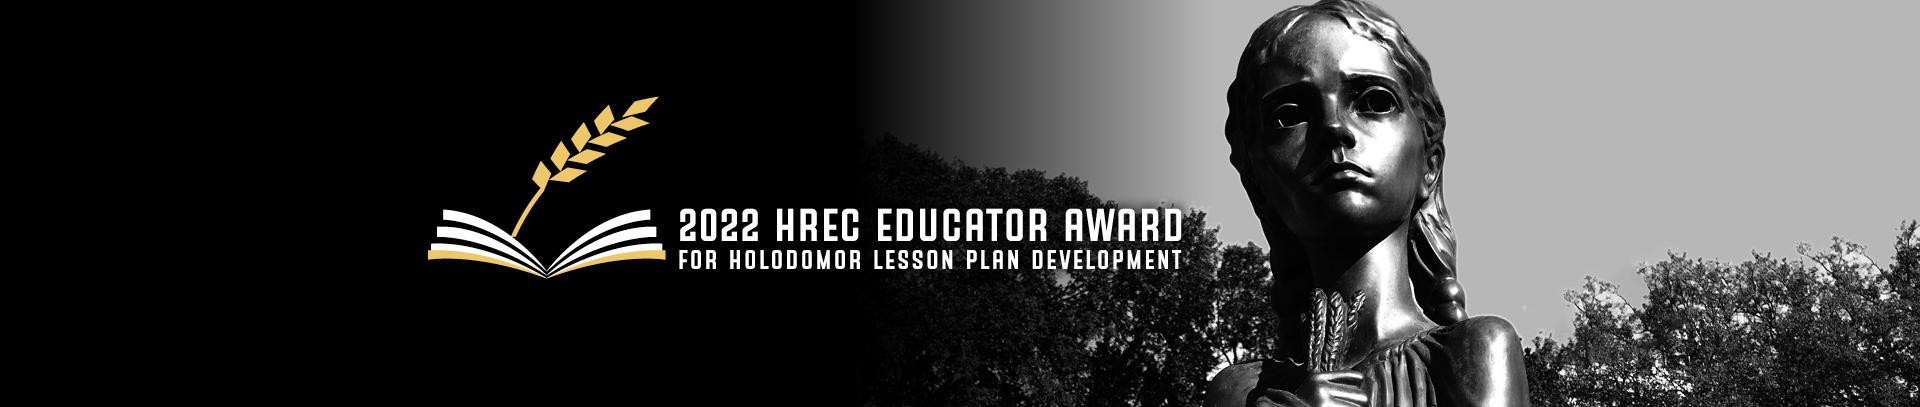 2022 HREC Educator Award for Holodomor Lesson Plan Development